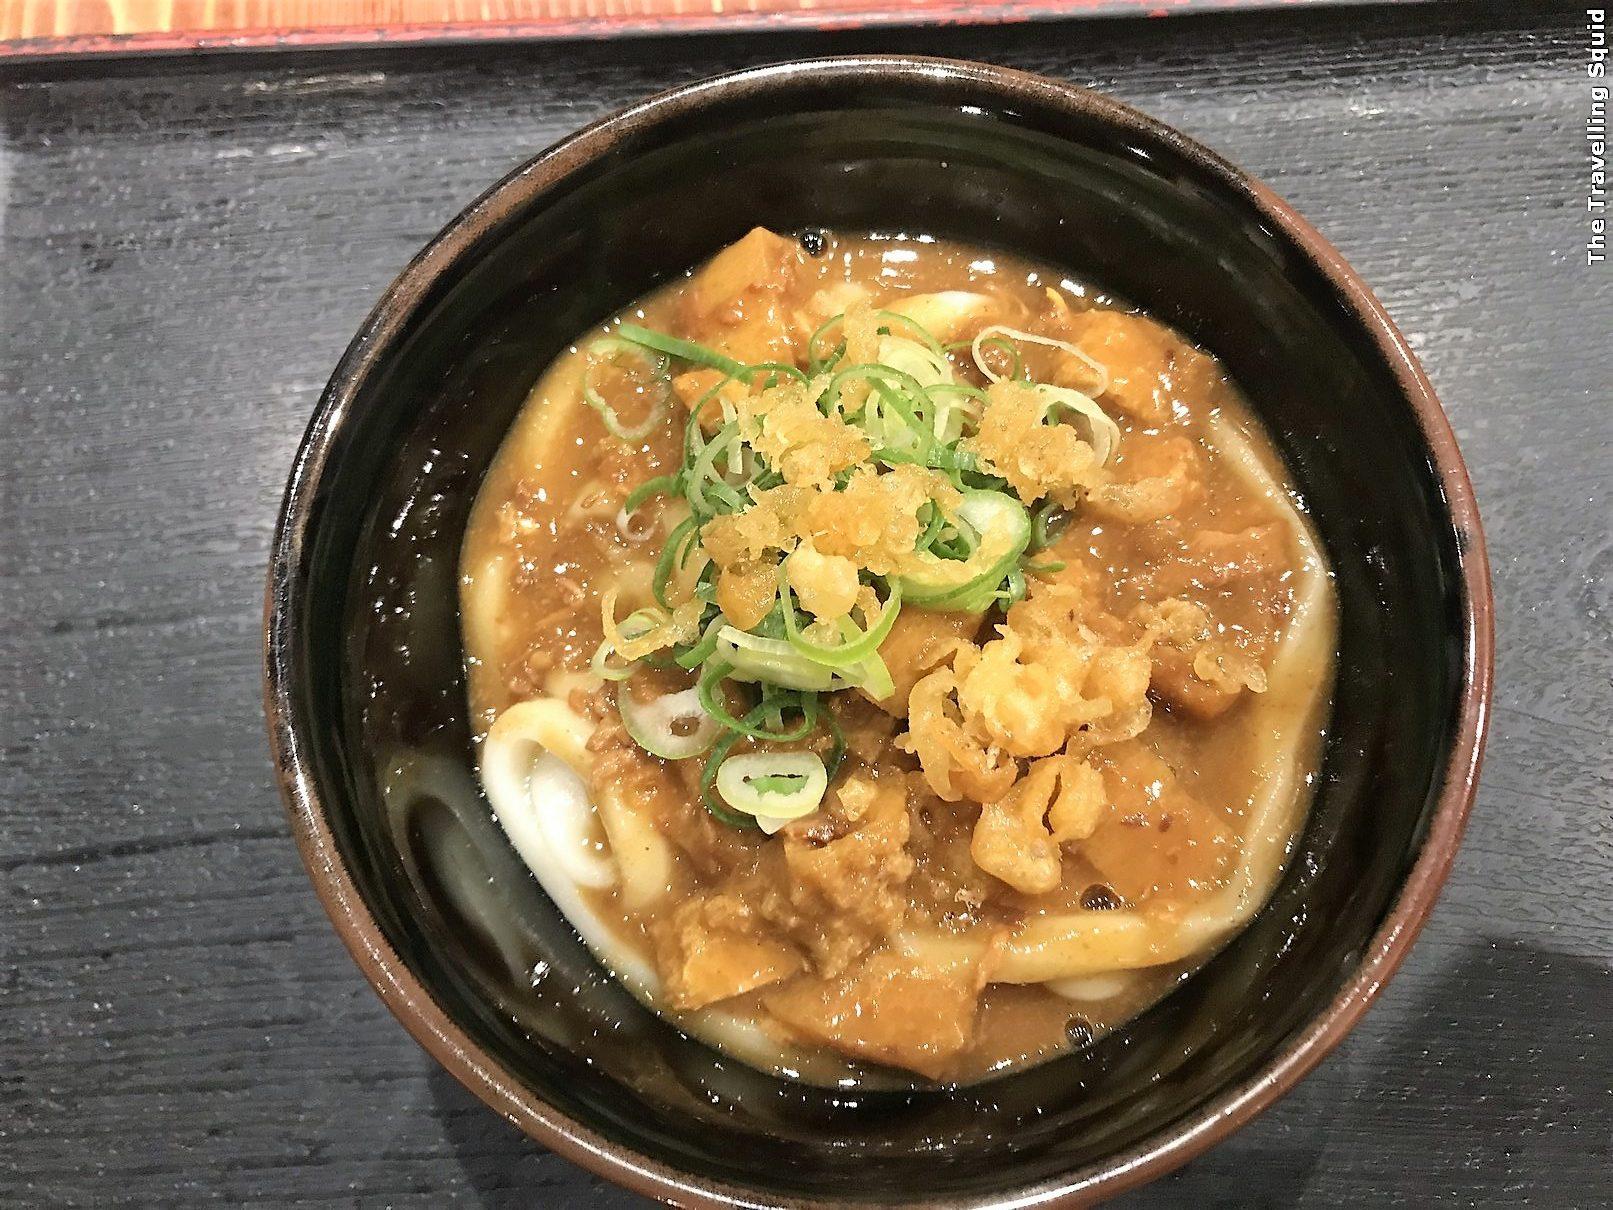 Tokyo Mentsudan for tasty udon in Shinjuku